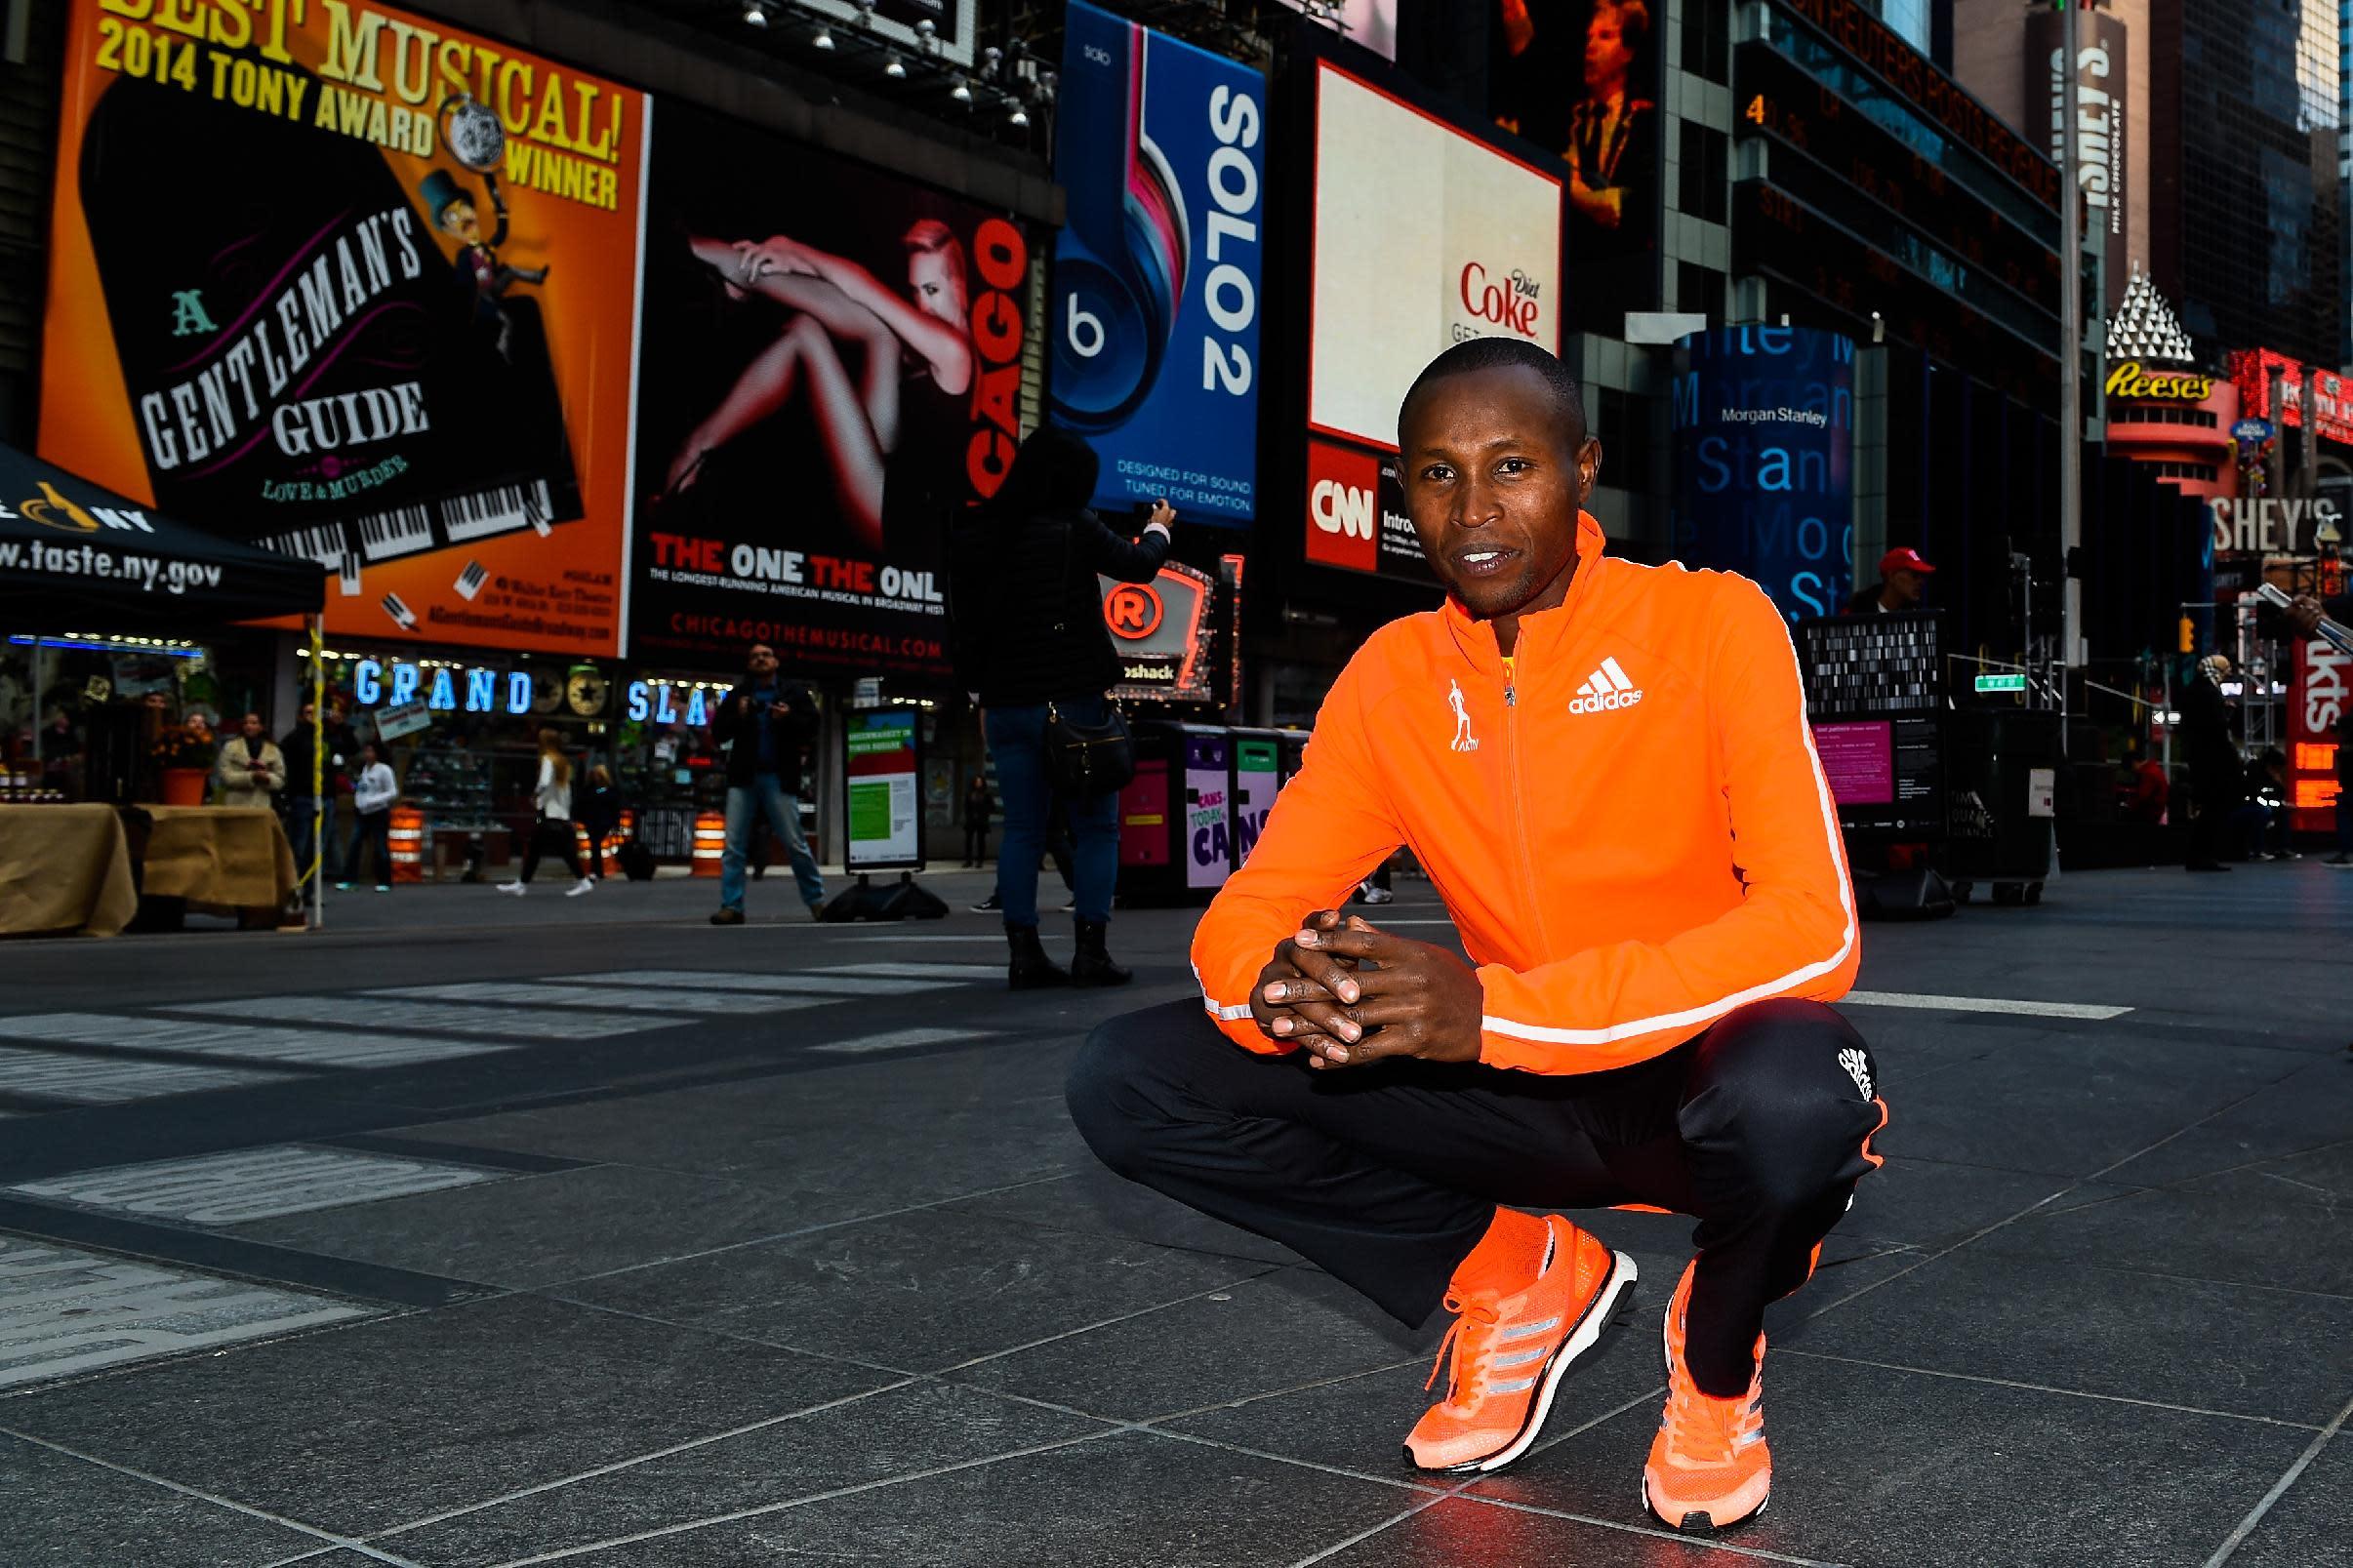 Athletics - Mutai seeks NYC Marathon treble